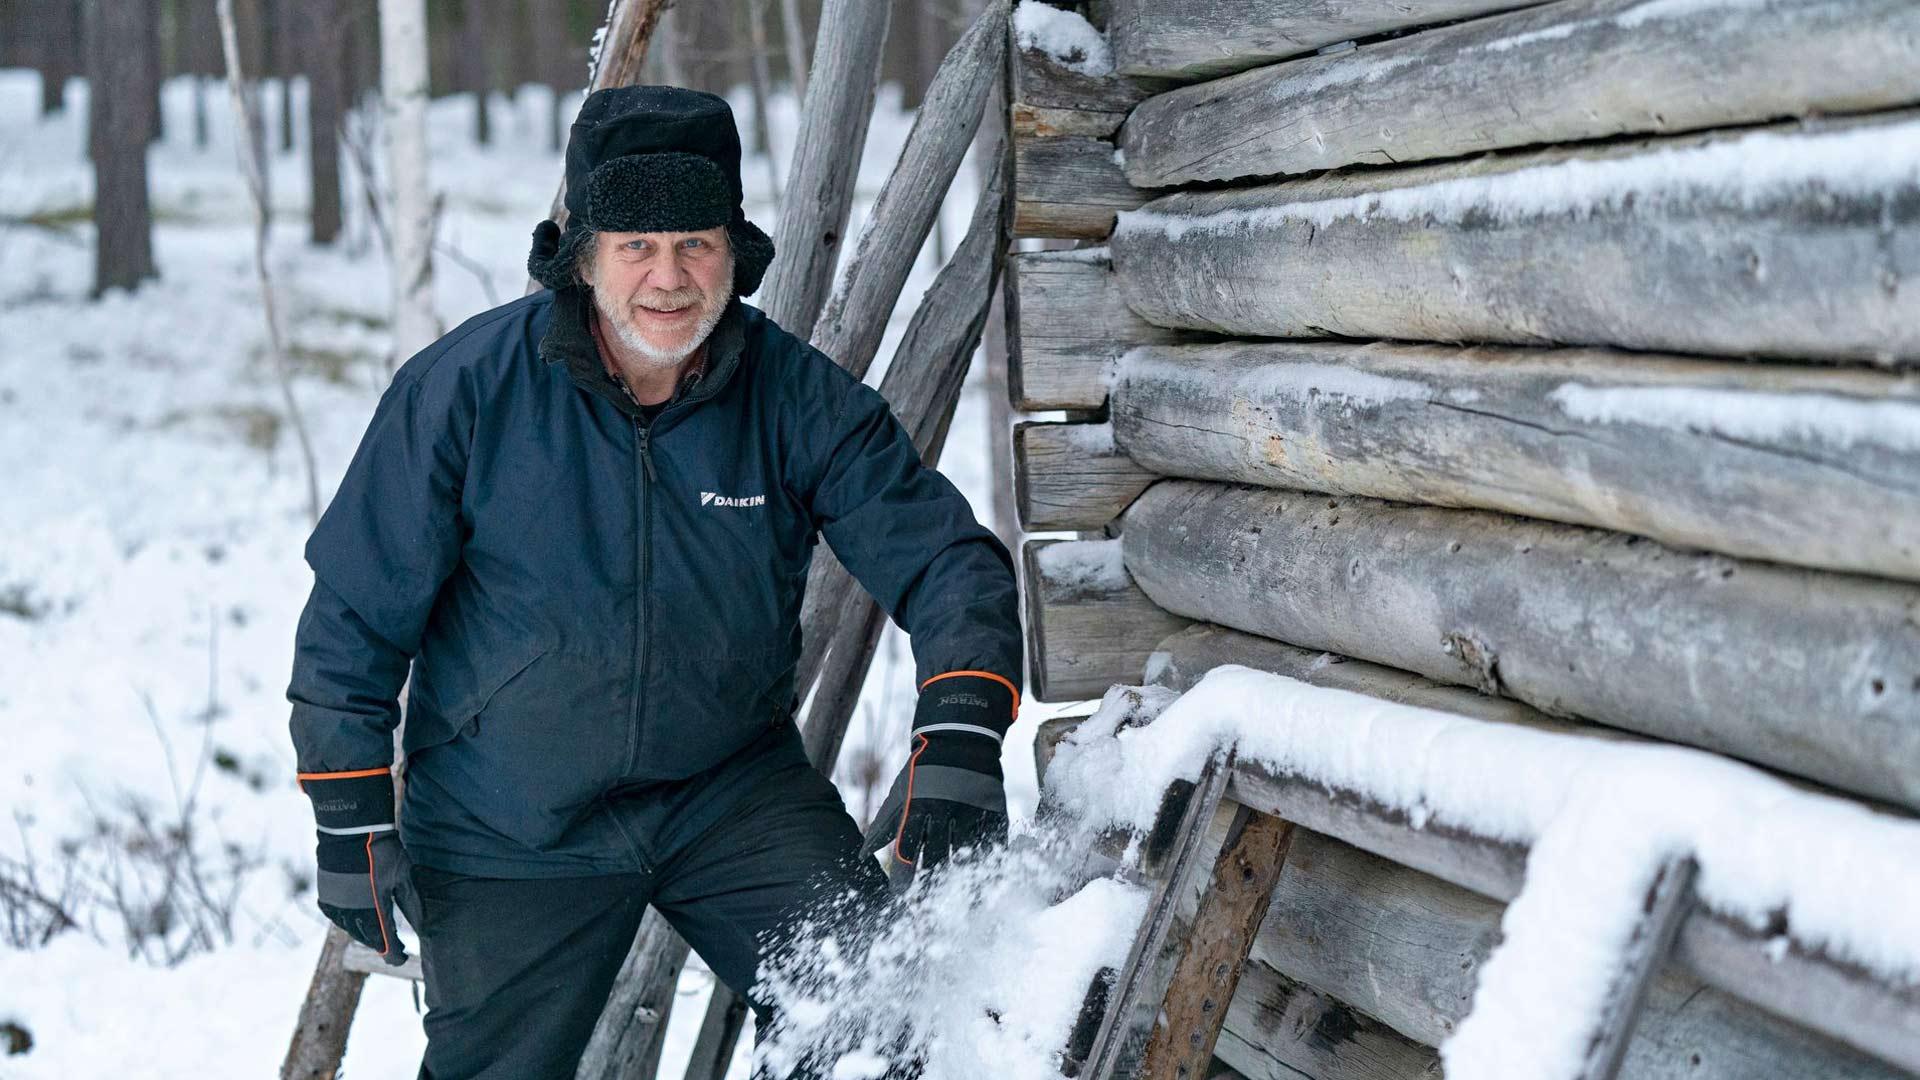 Joulupukin hahmoa tutkinut Eero Perunka asuu tutkimuskohteensa tavoin Lapin perukoilla, porojen keskellä. Metsurina Saksassakin työskennellyt Perunka muutti takaisin lapsuudenkotiinsa 1990-luvulla.